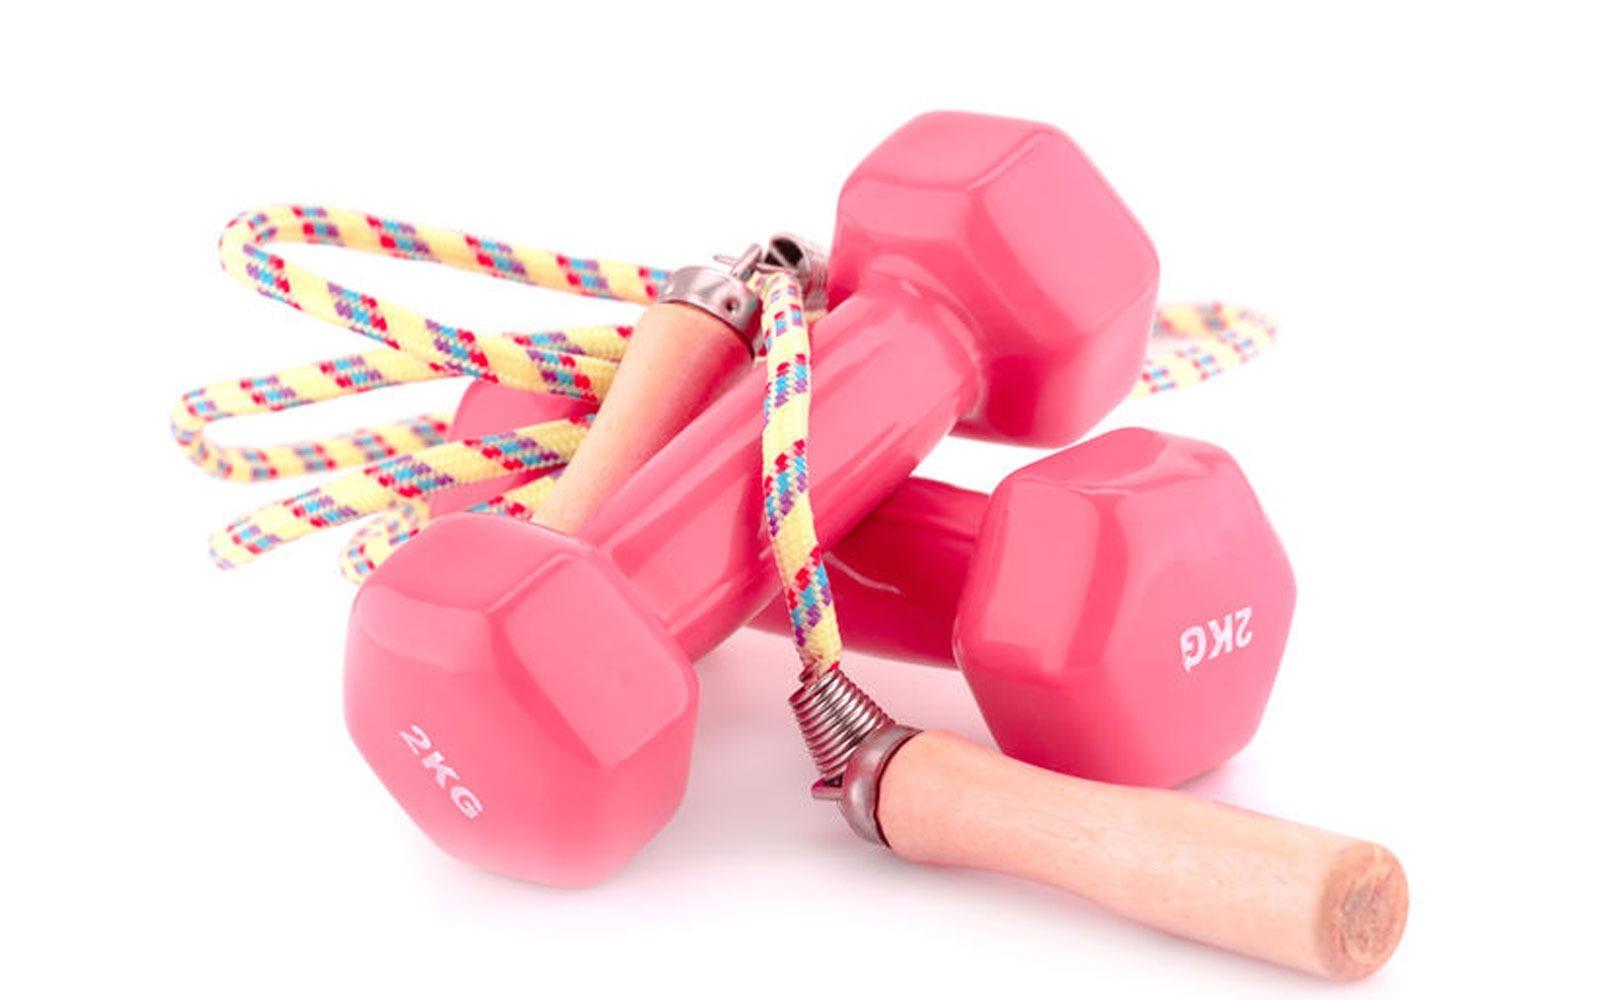 Perlukah Penderita Diabetes Makan Sebelum Olahraga?